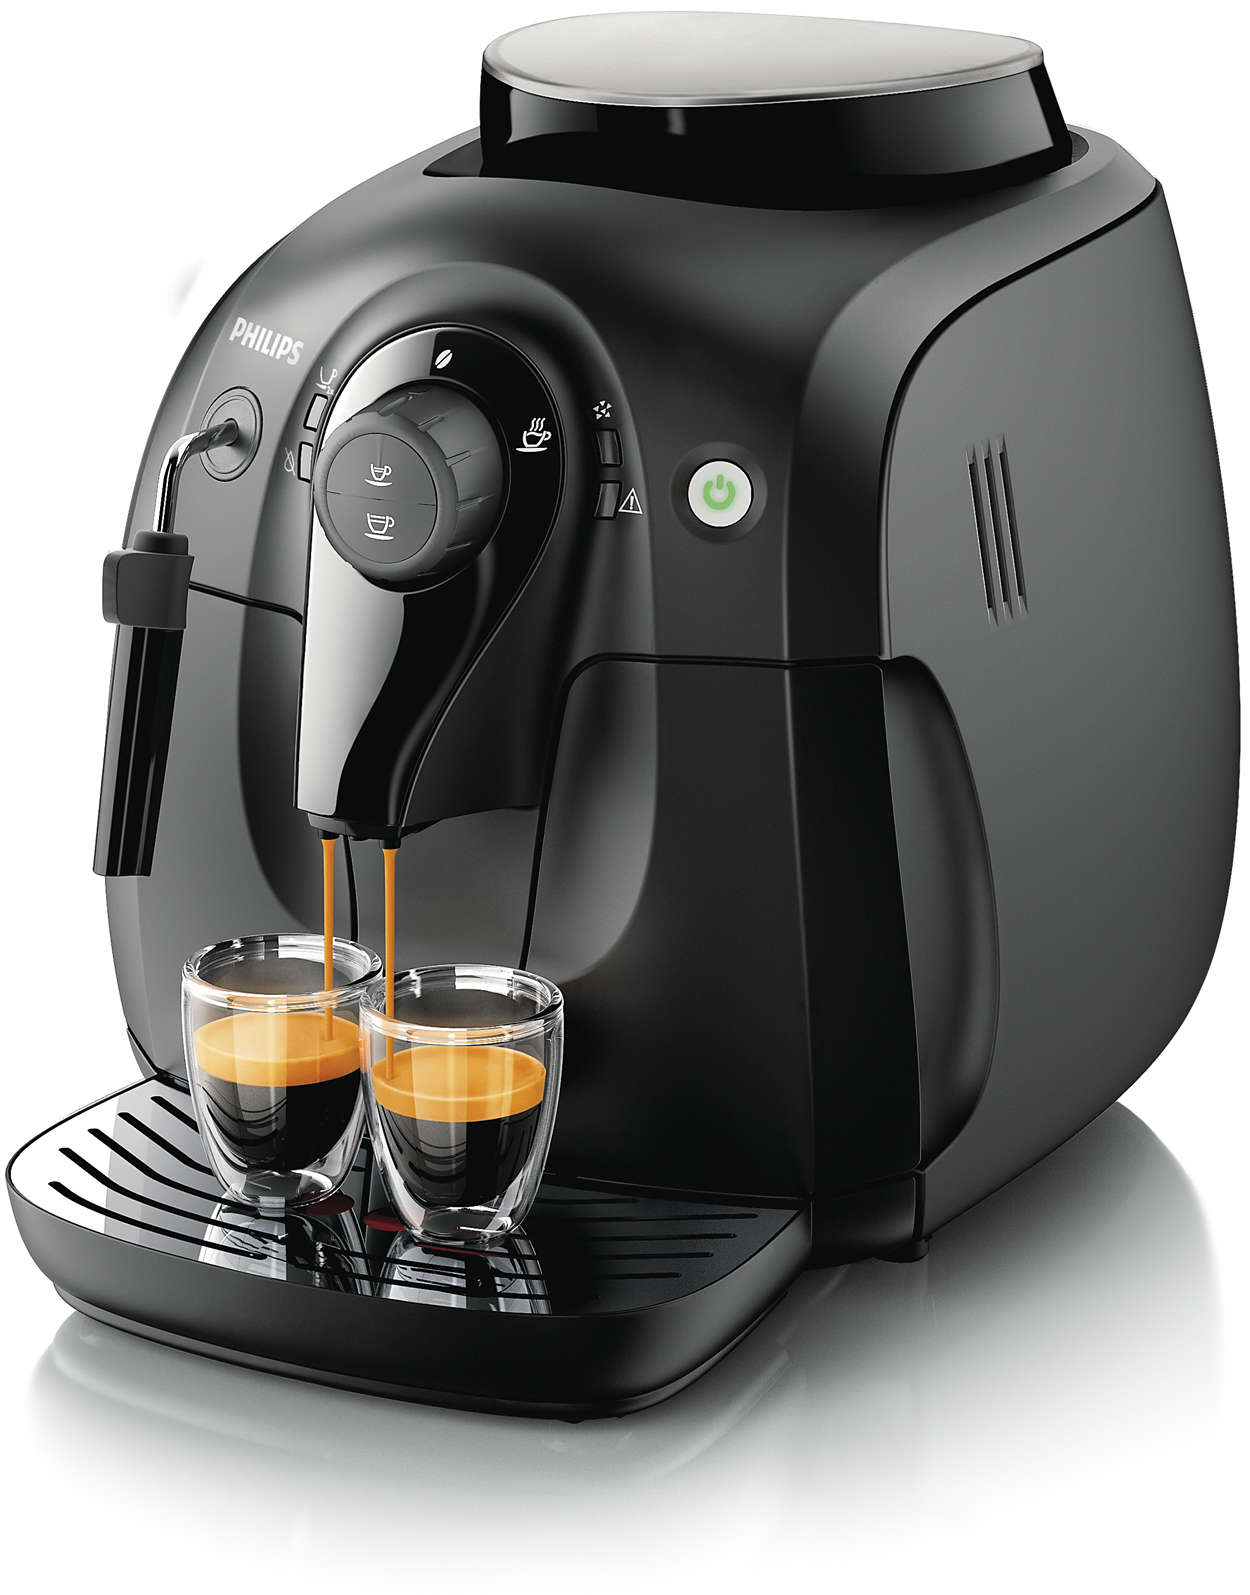 Savourez les arômes de votre café en grains préféré